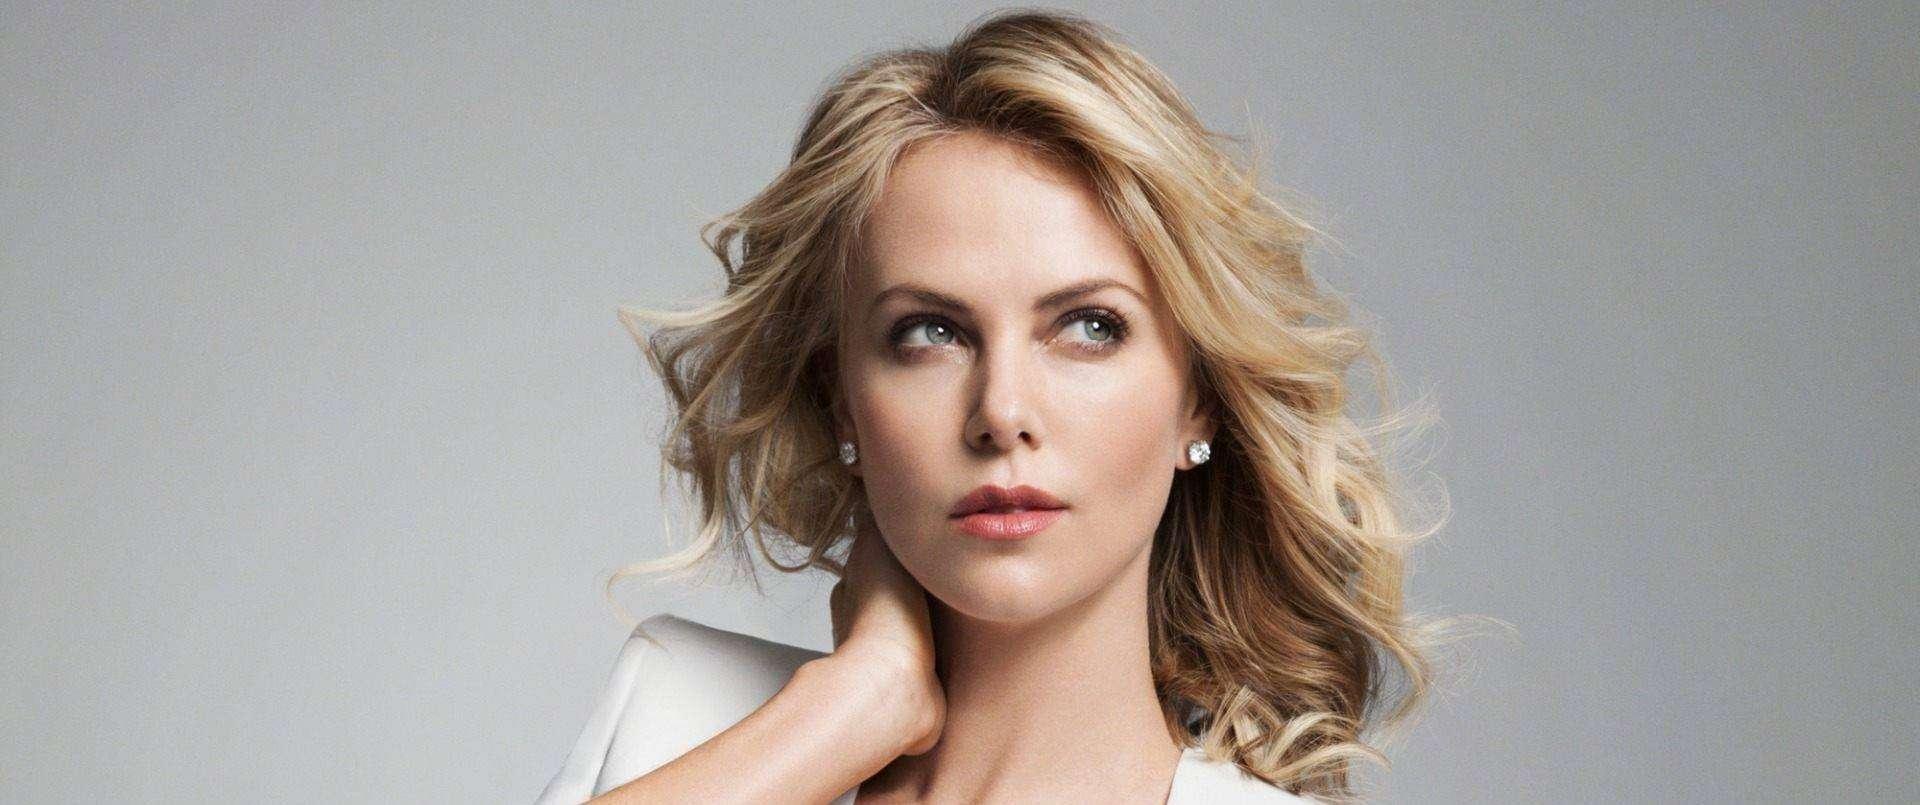 Шарлиз Терон: биография актрисы из ЮАР